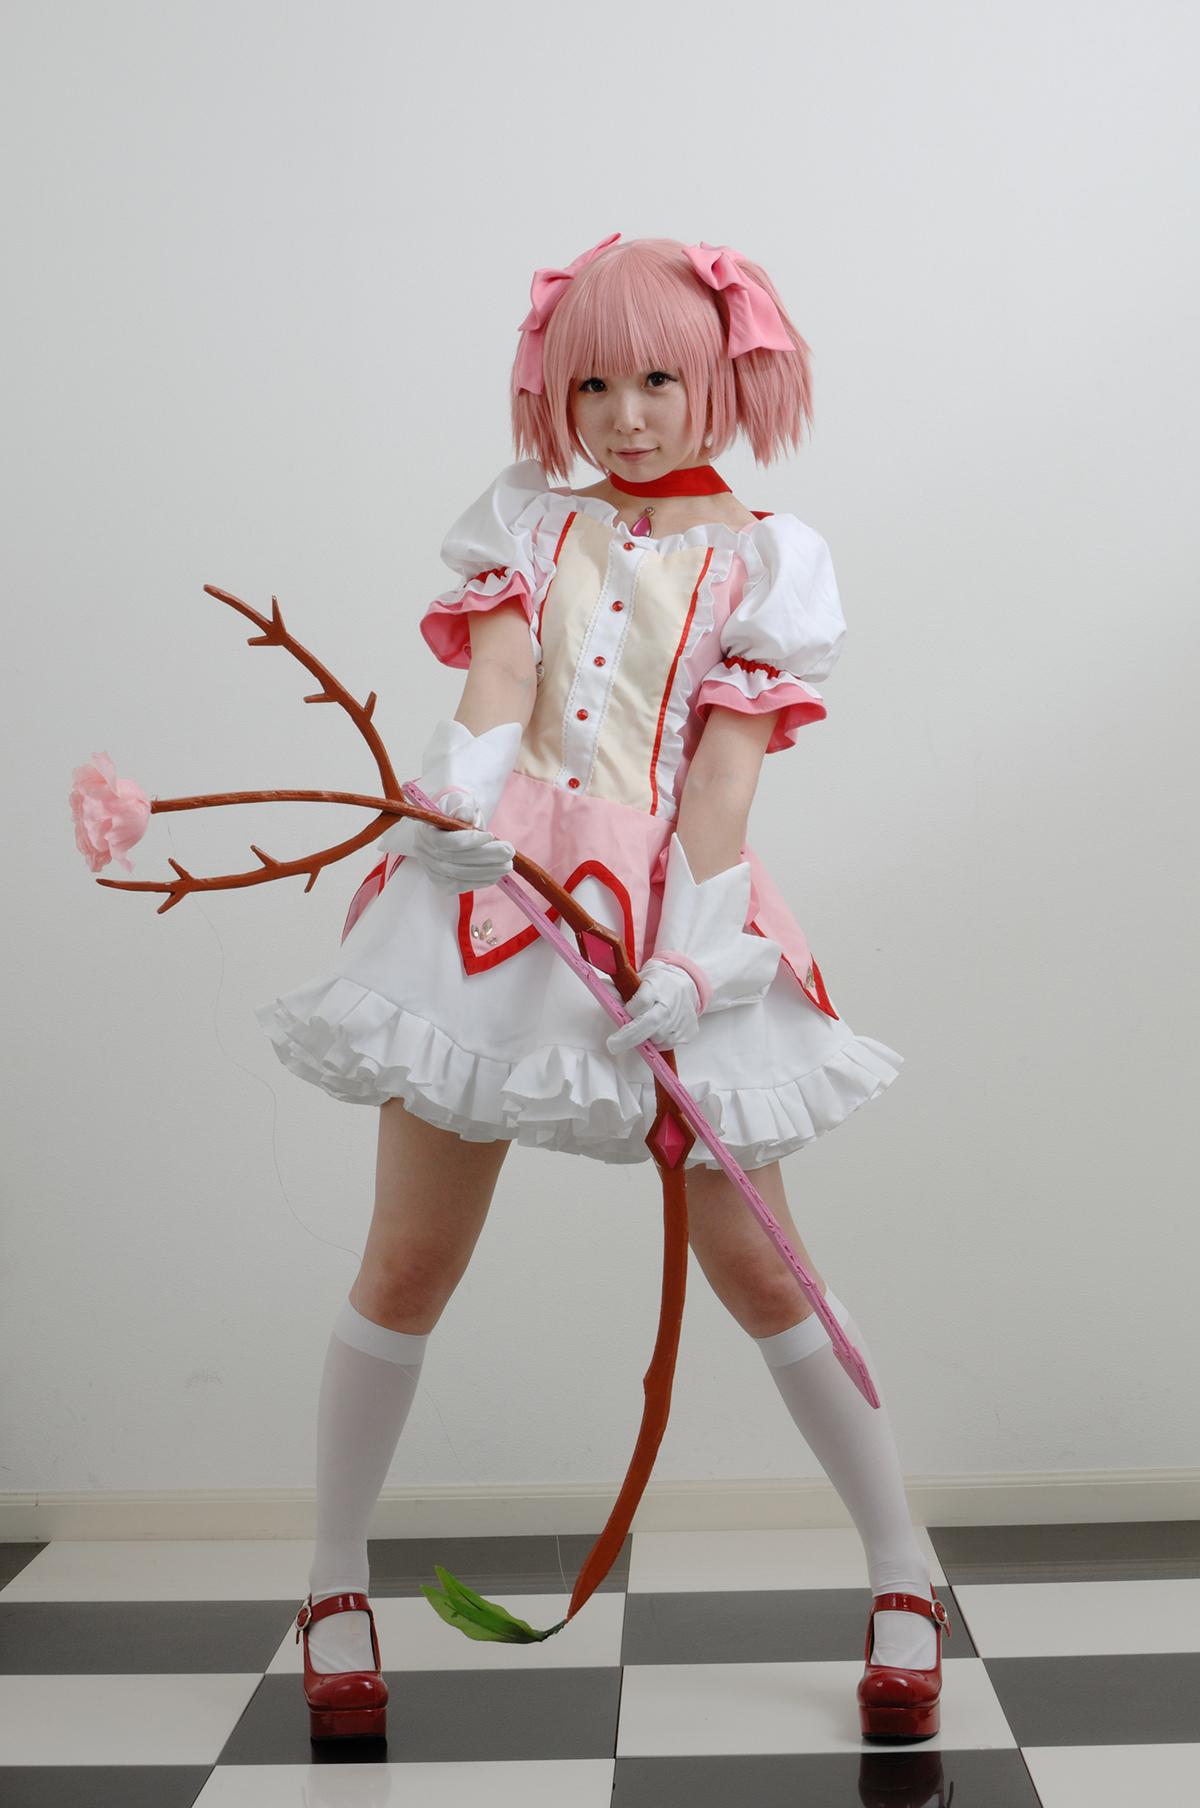 魔法少女まどか☆マギカ/鹿目まどか